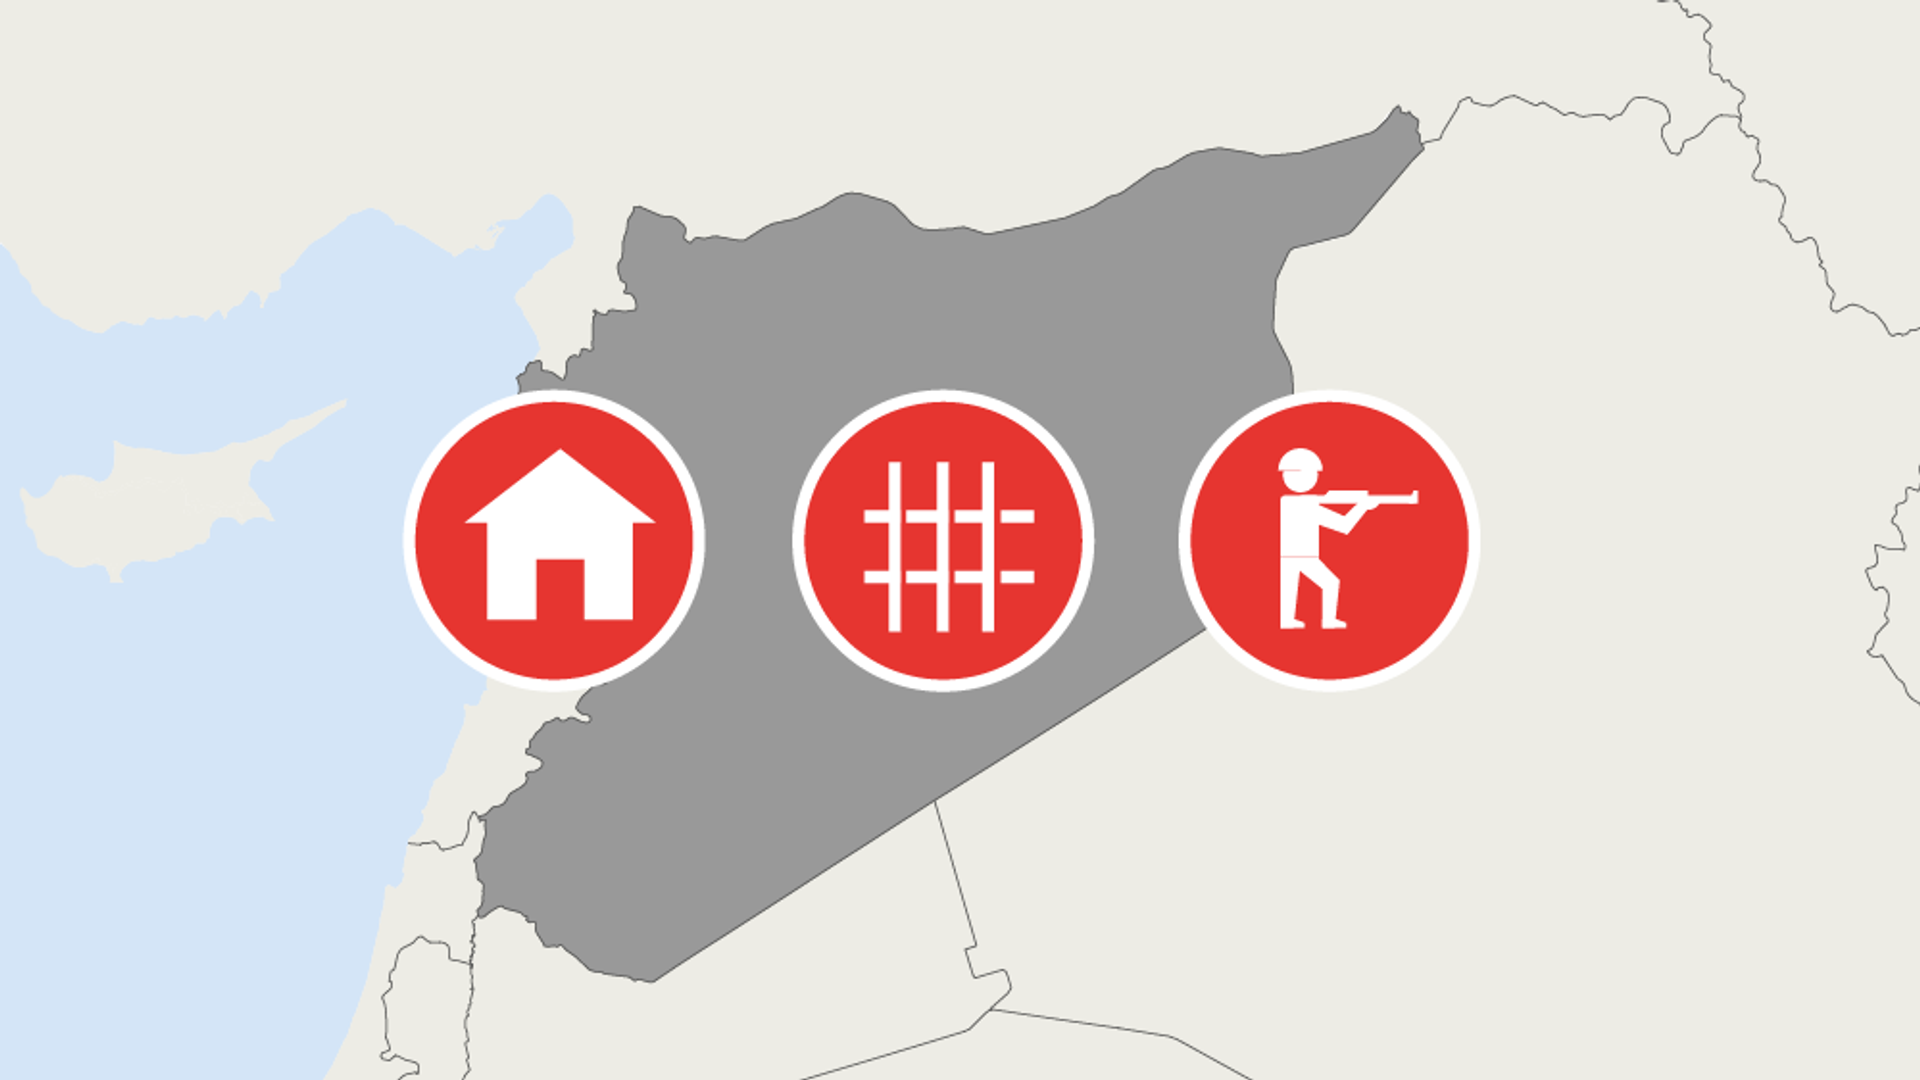 Гуманитарная ситуация на северо-востоке Сирии - РИА Новости, 1920, 25.10.2019